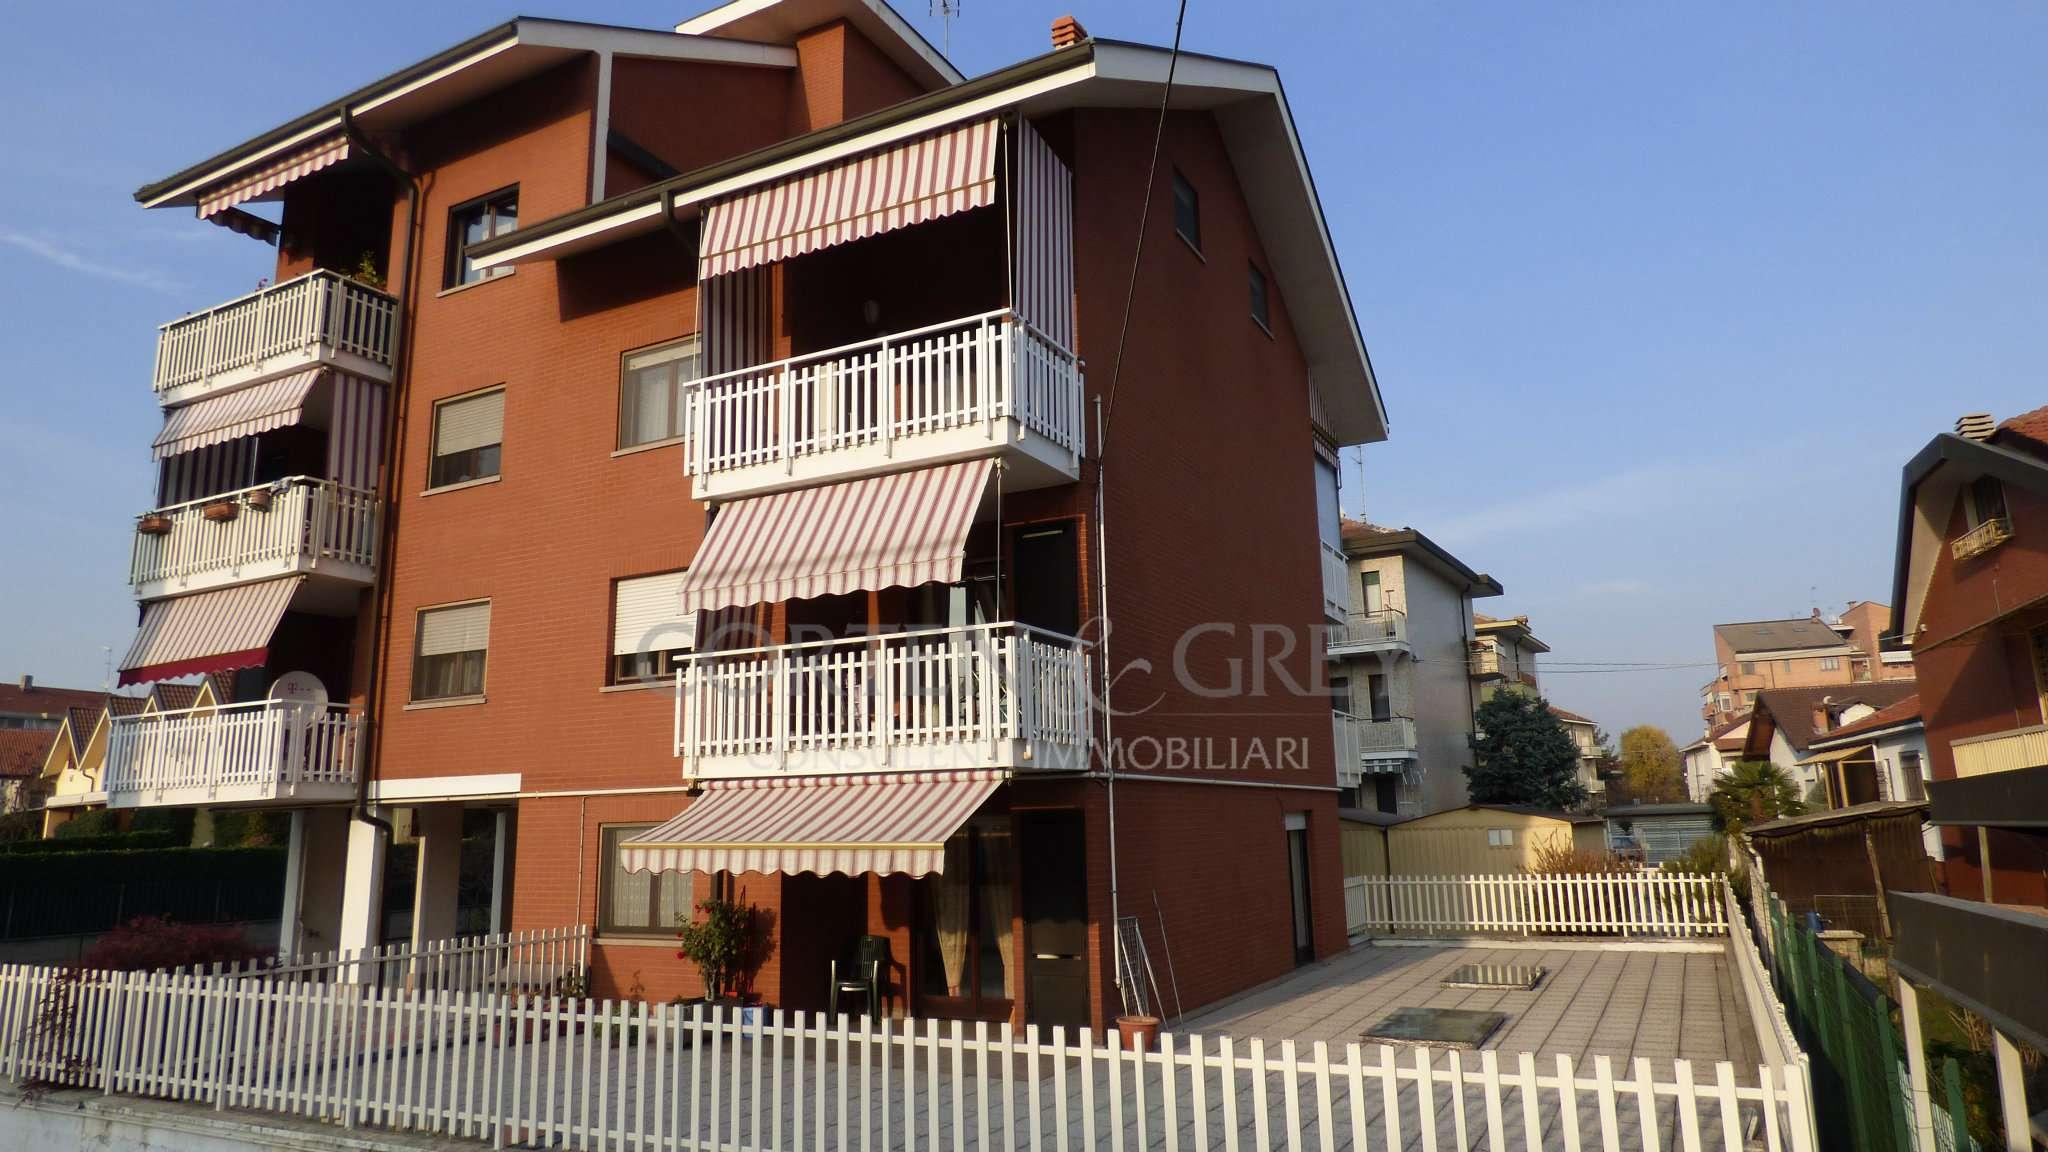 Appartamento in vendita a San Mauro Torinese, 3 locali, prezzo € 145.000   CambioCasa.it